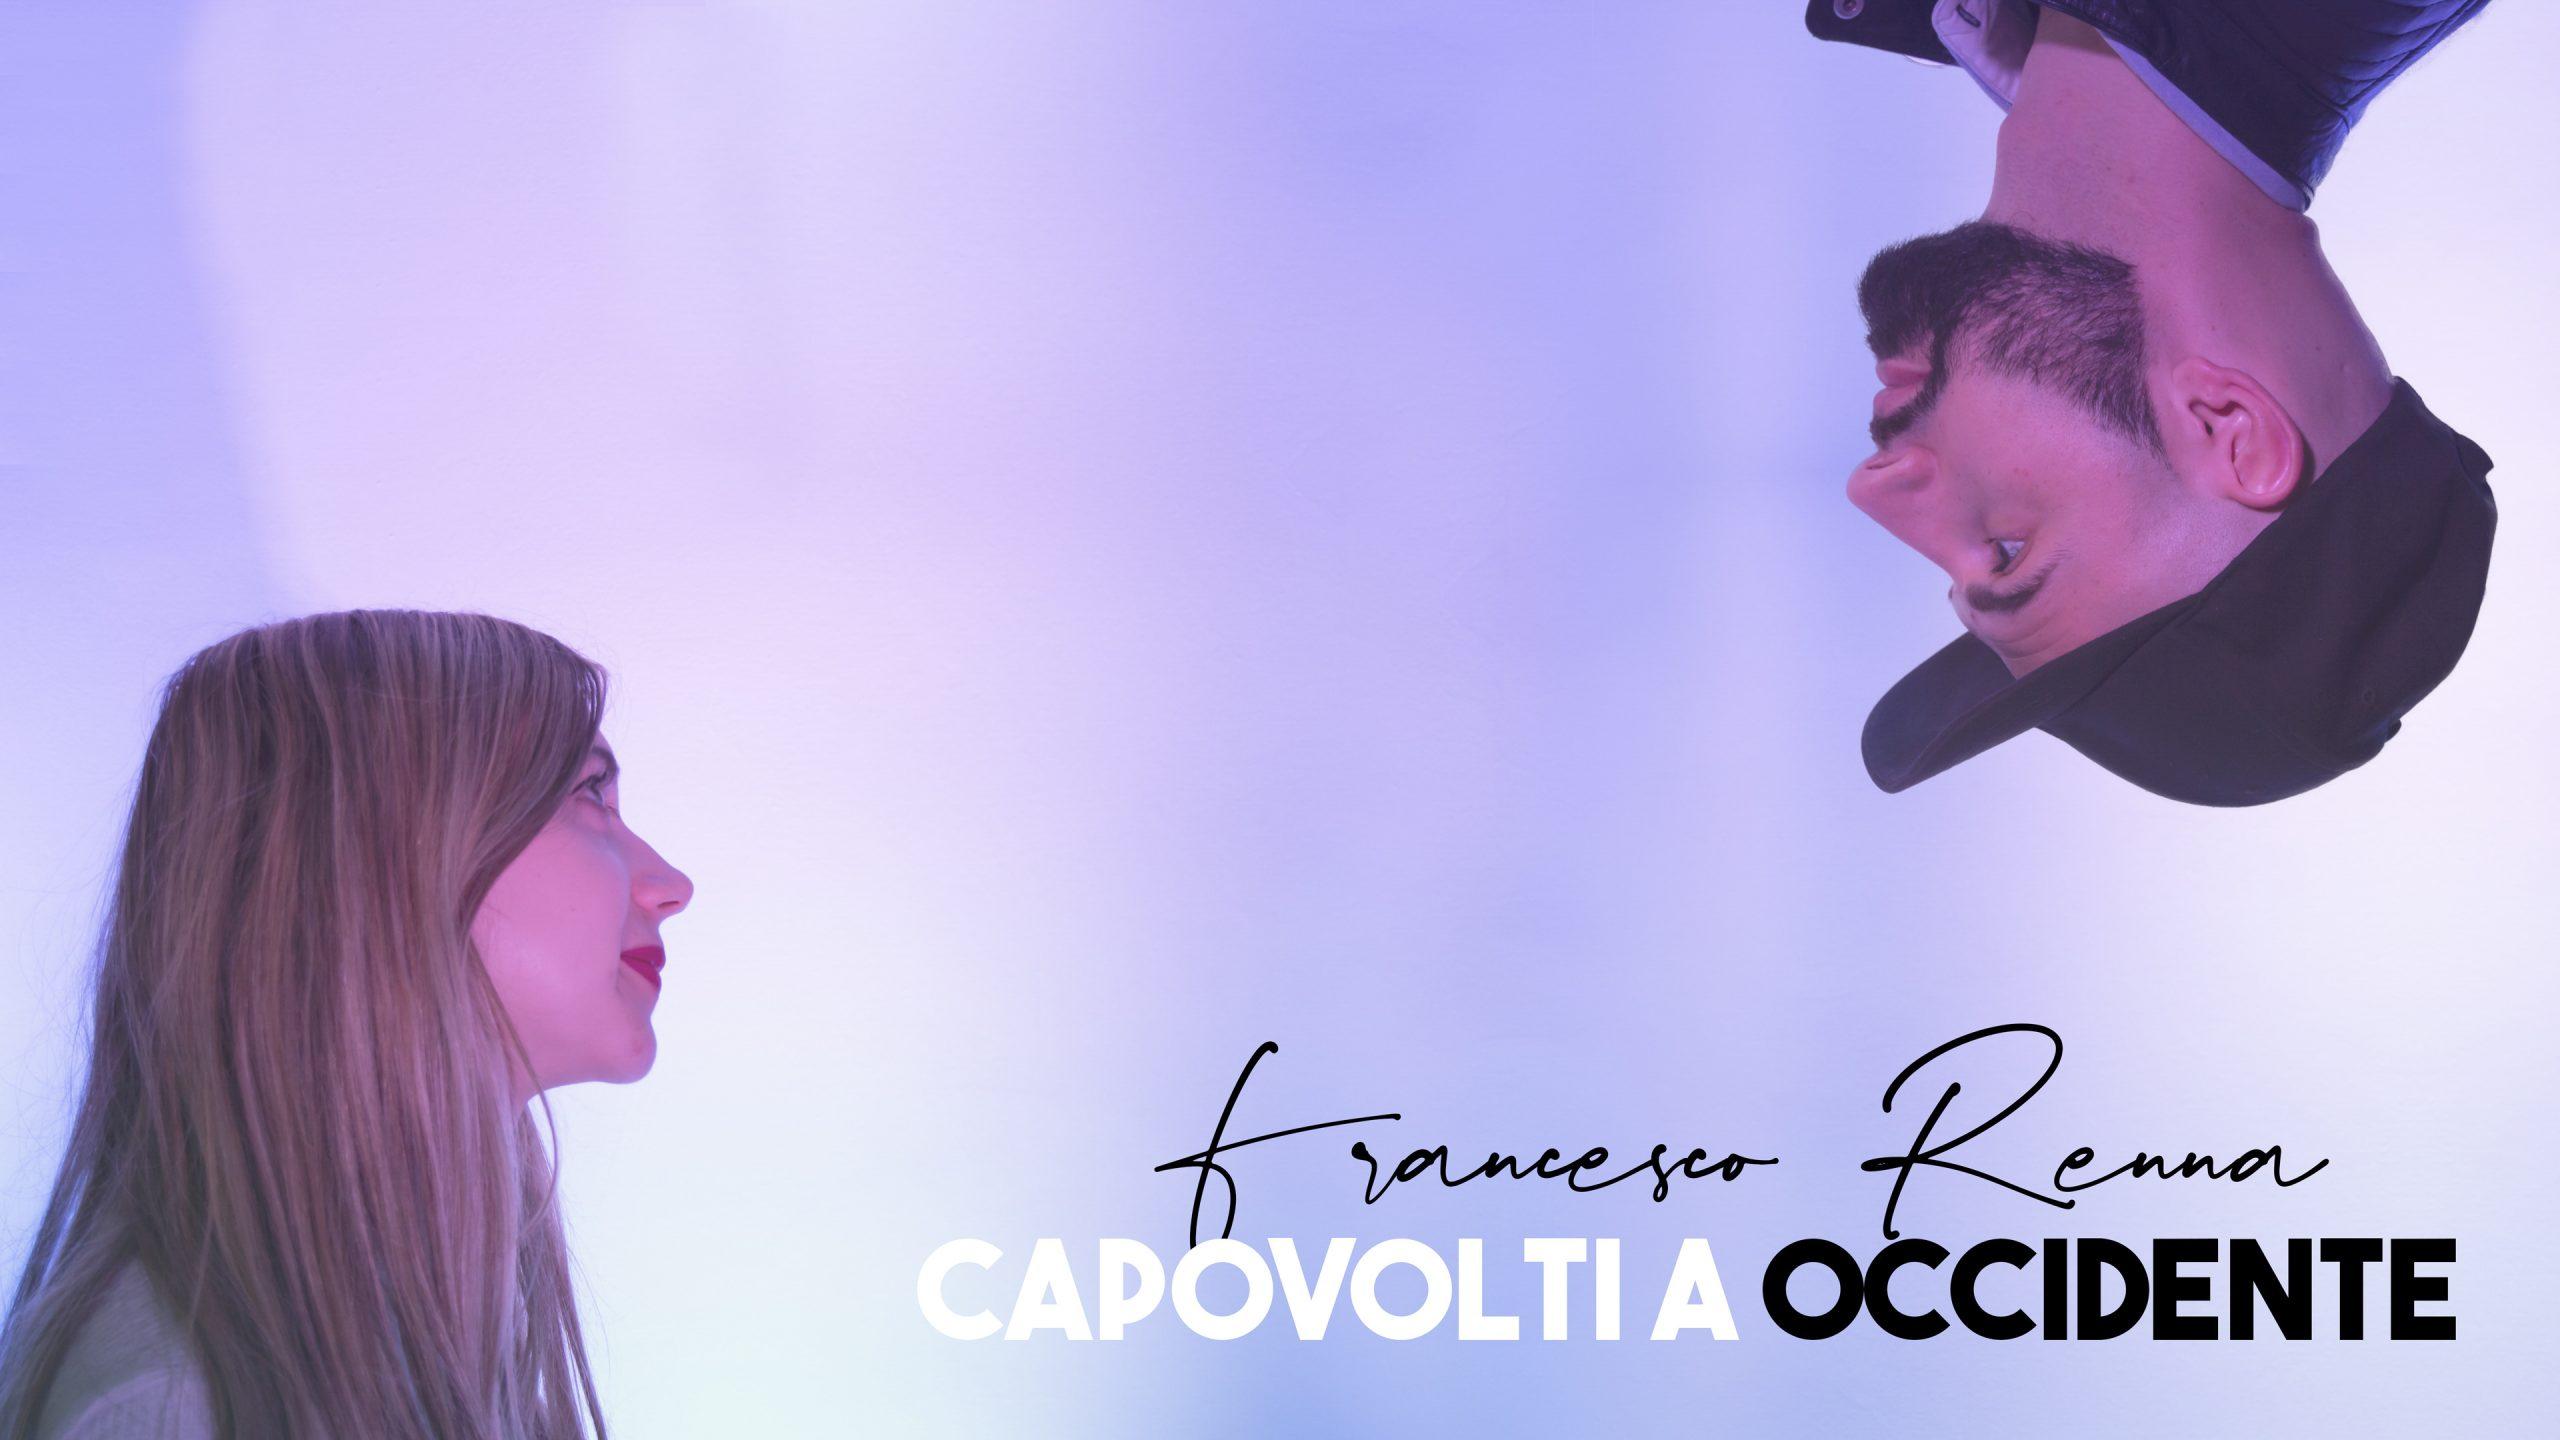 Francesco Renna - Capovolti a Occidente